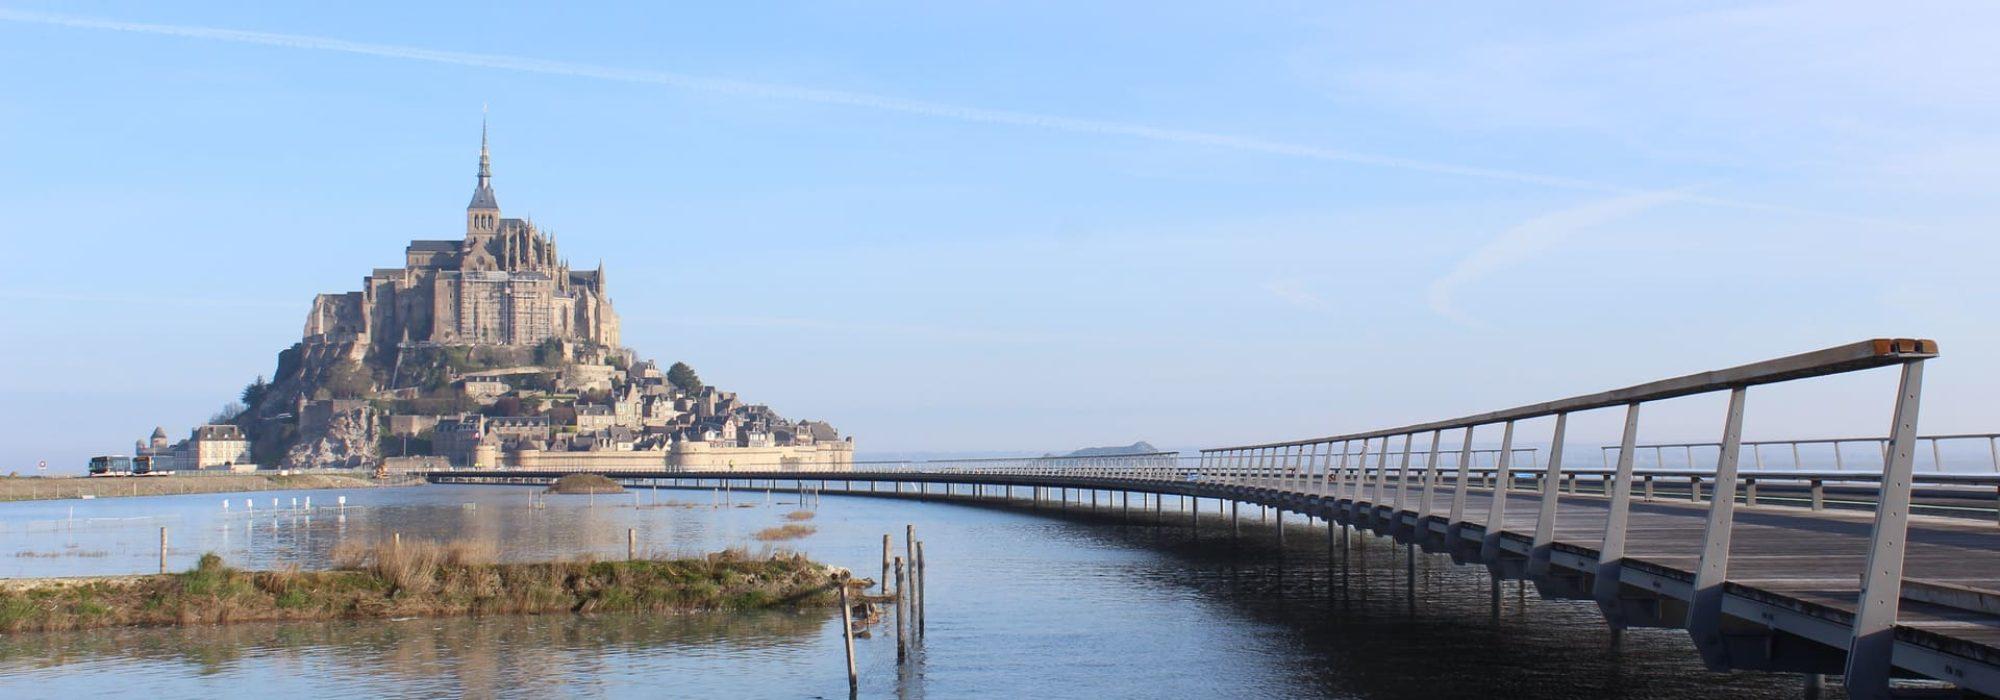 De baai van de Mont Saint-Michel